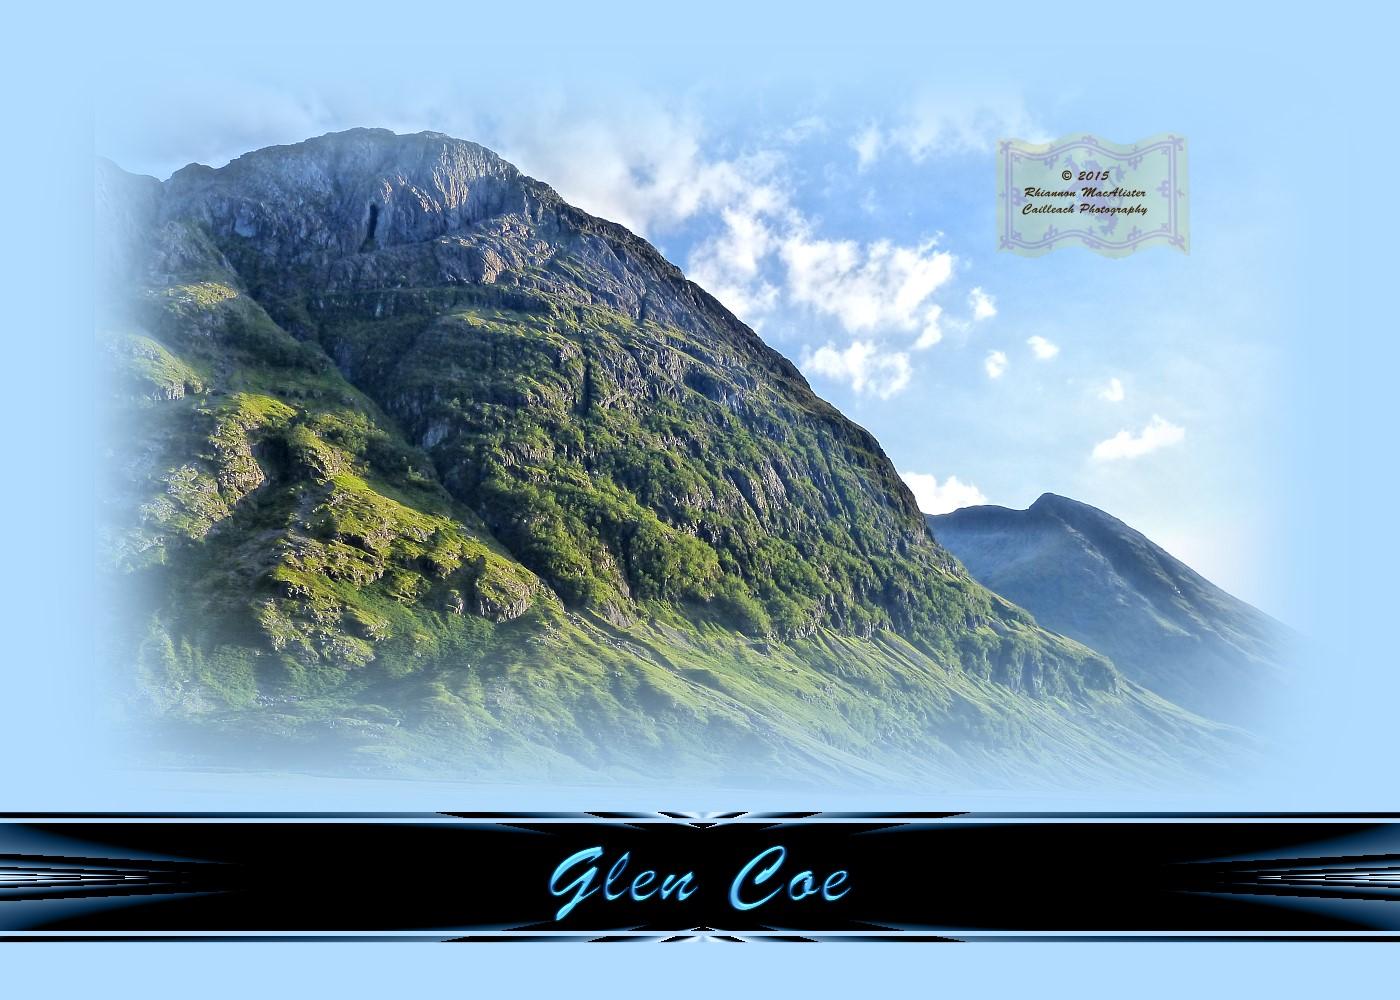 Glen Coe 2